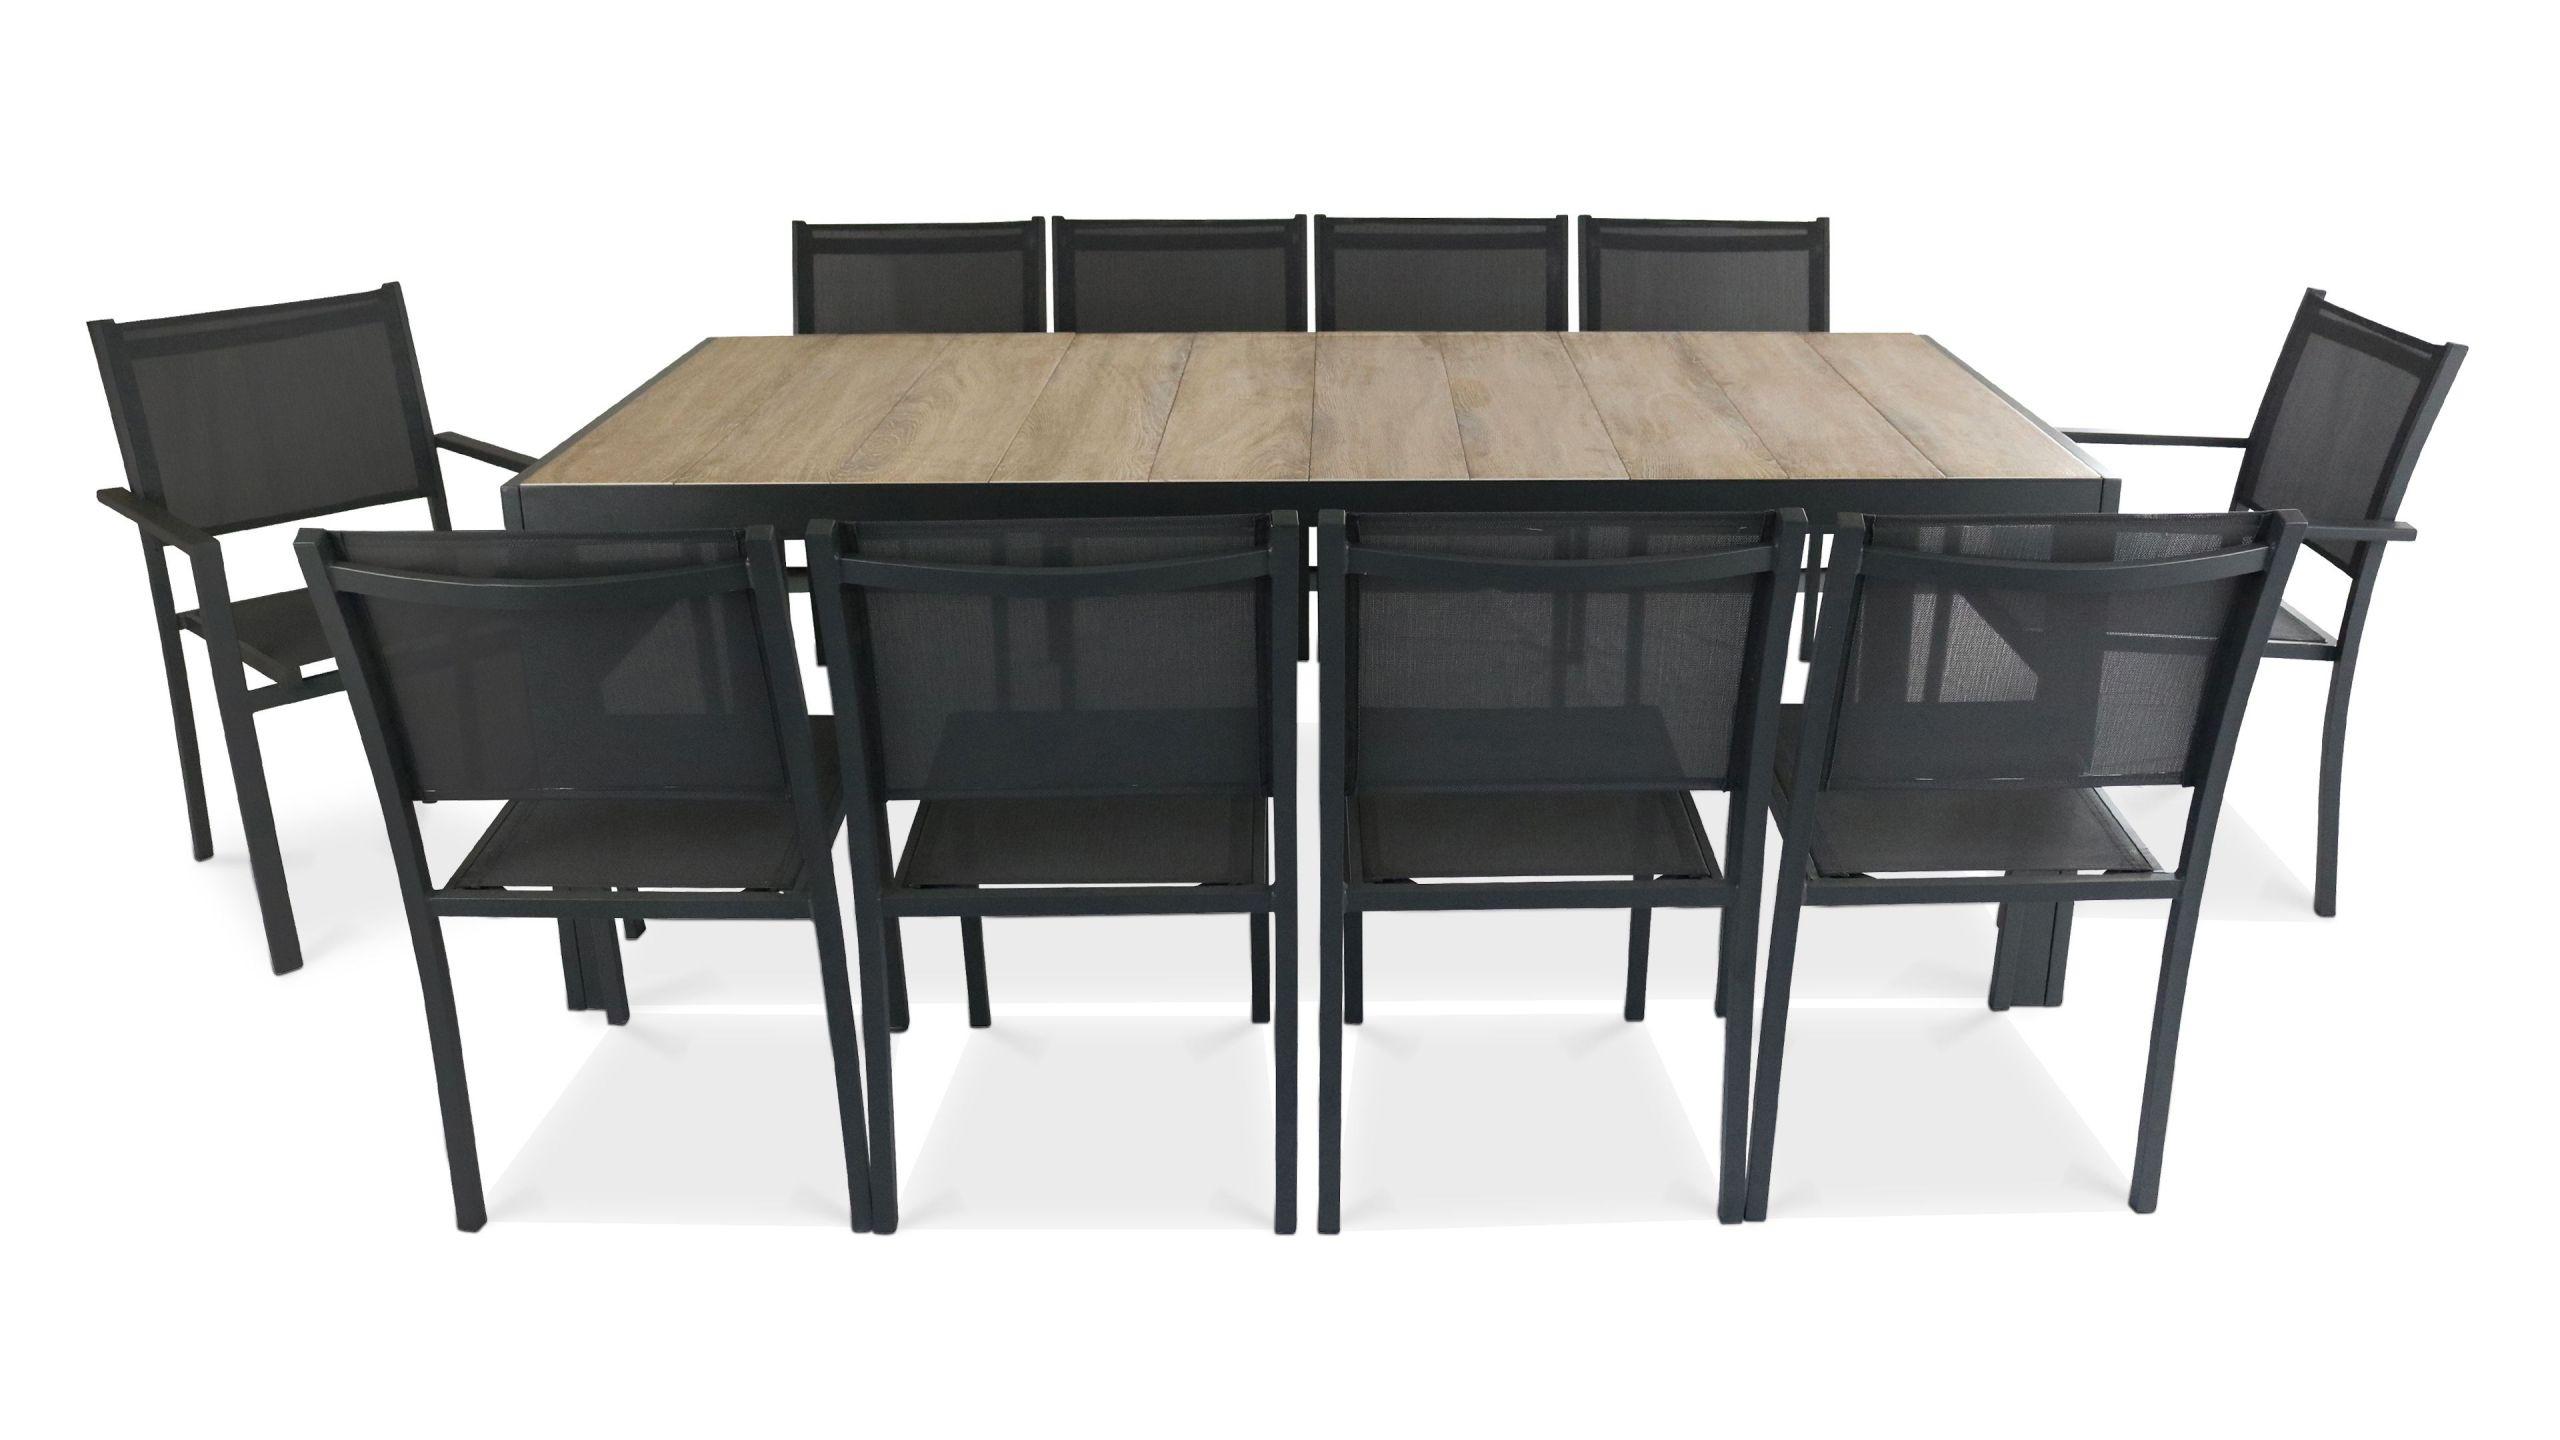 Table De Jardin En Aluminium Schème - Idees Conception Jardin pour Table Jardin Ceramique